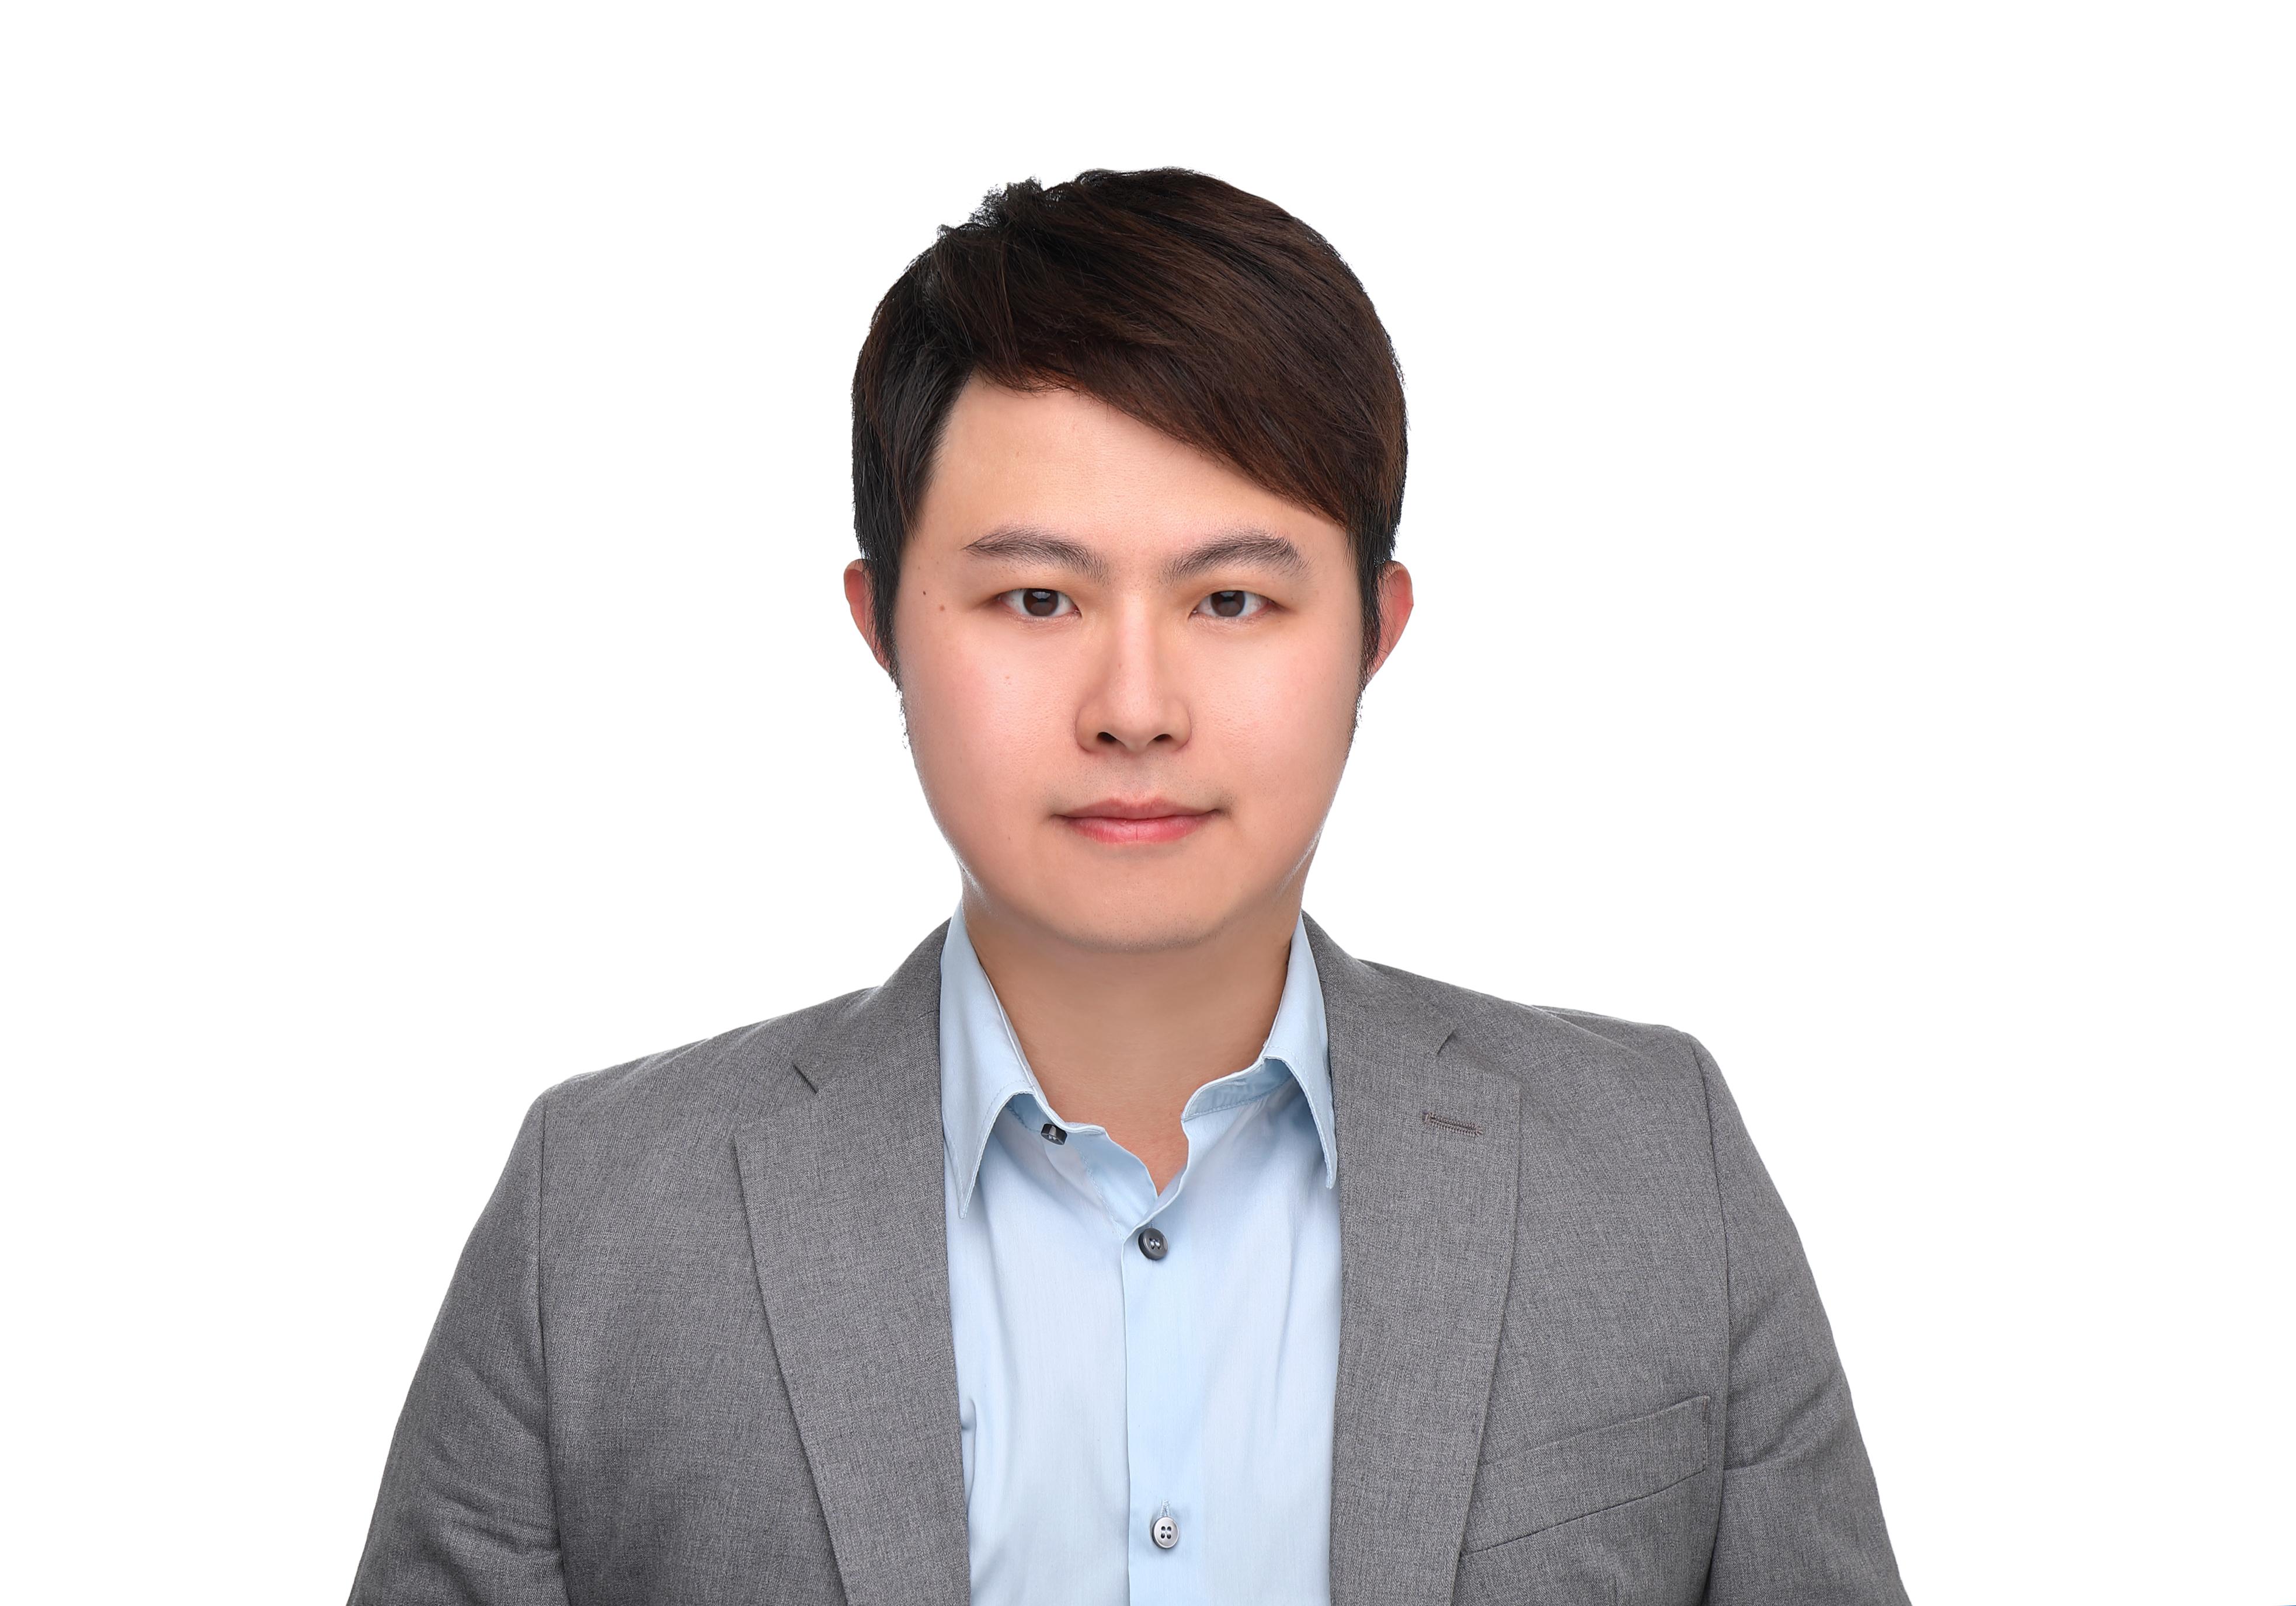 劉邦揚 Pang-Yang Liu